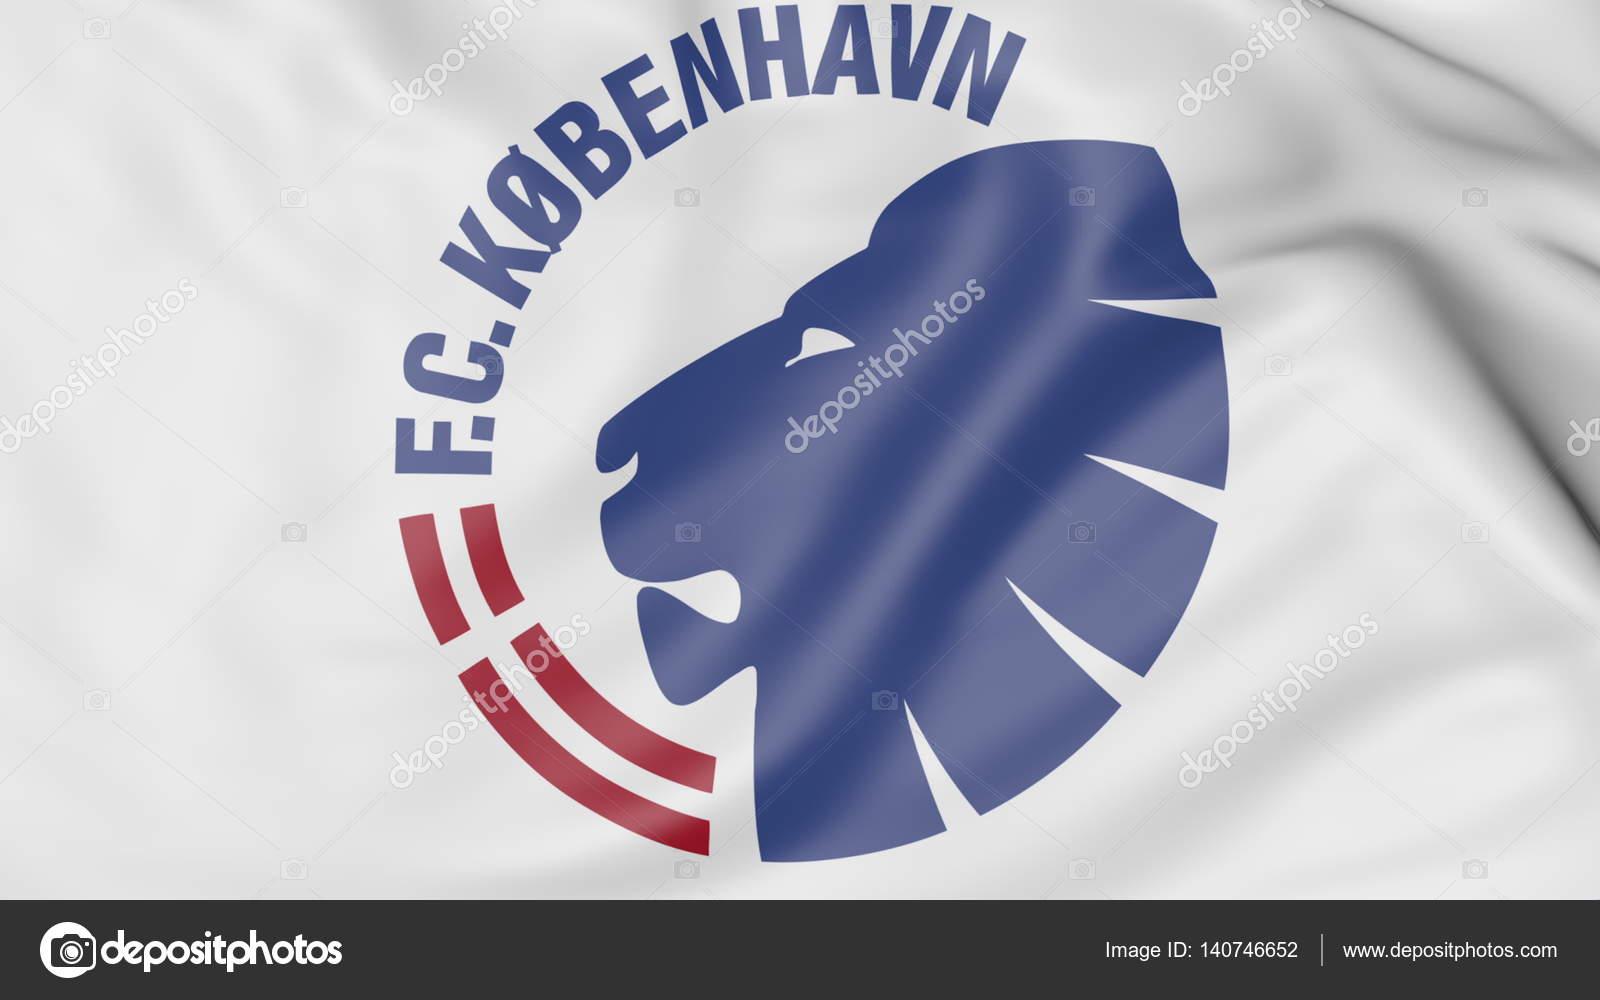 a6420e6e4ff Close-up of waving flag with FC Copenhagen football club logo